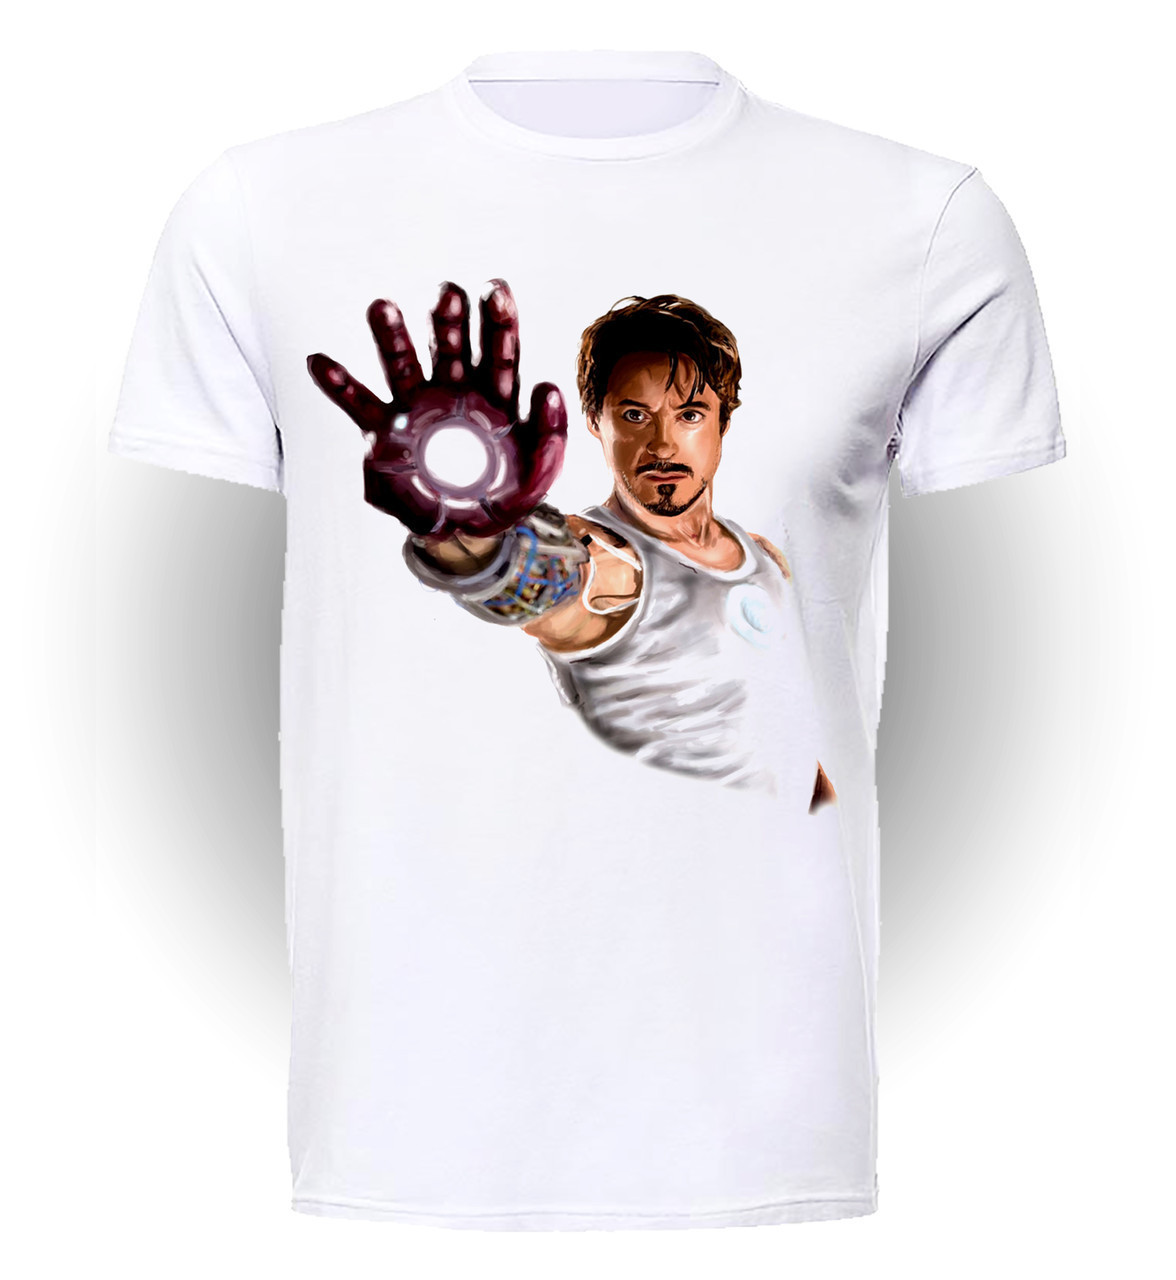 железный человек картинки для футболок норме взрослого человек